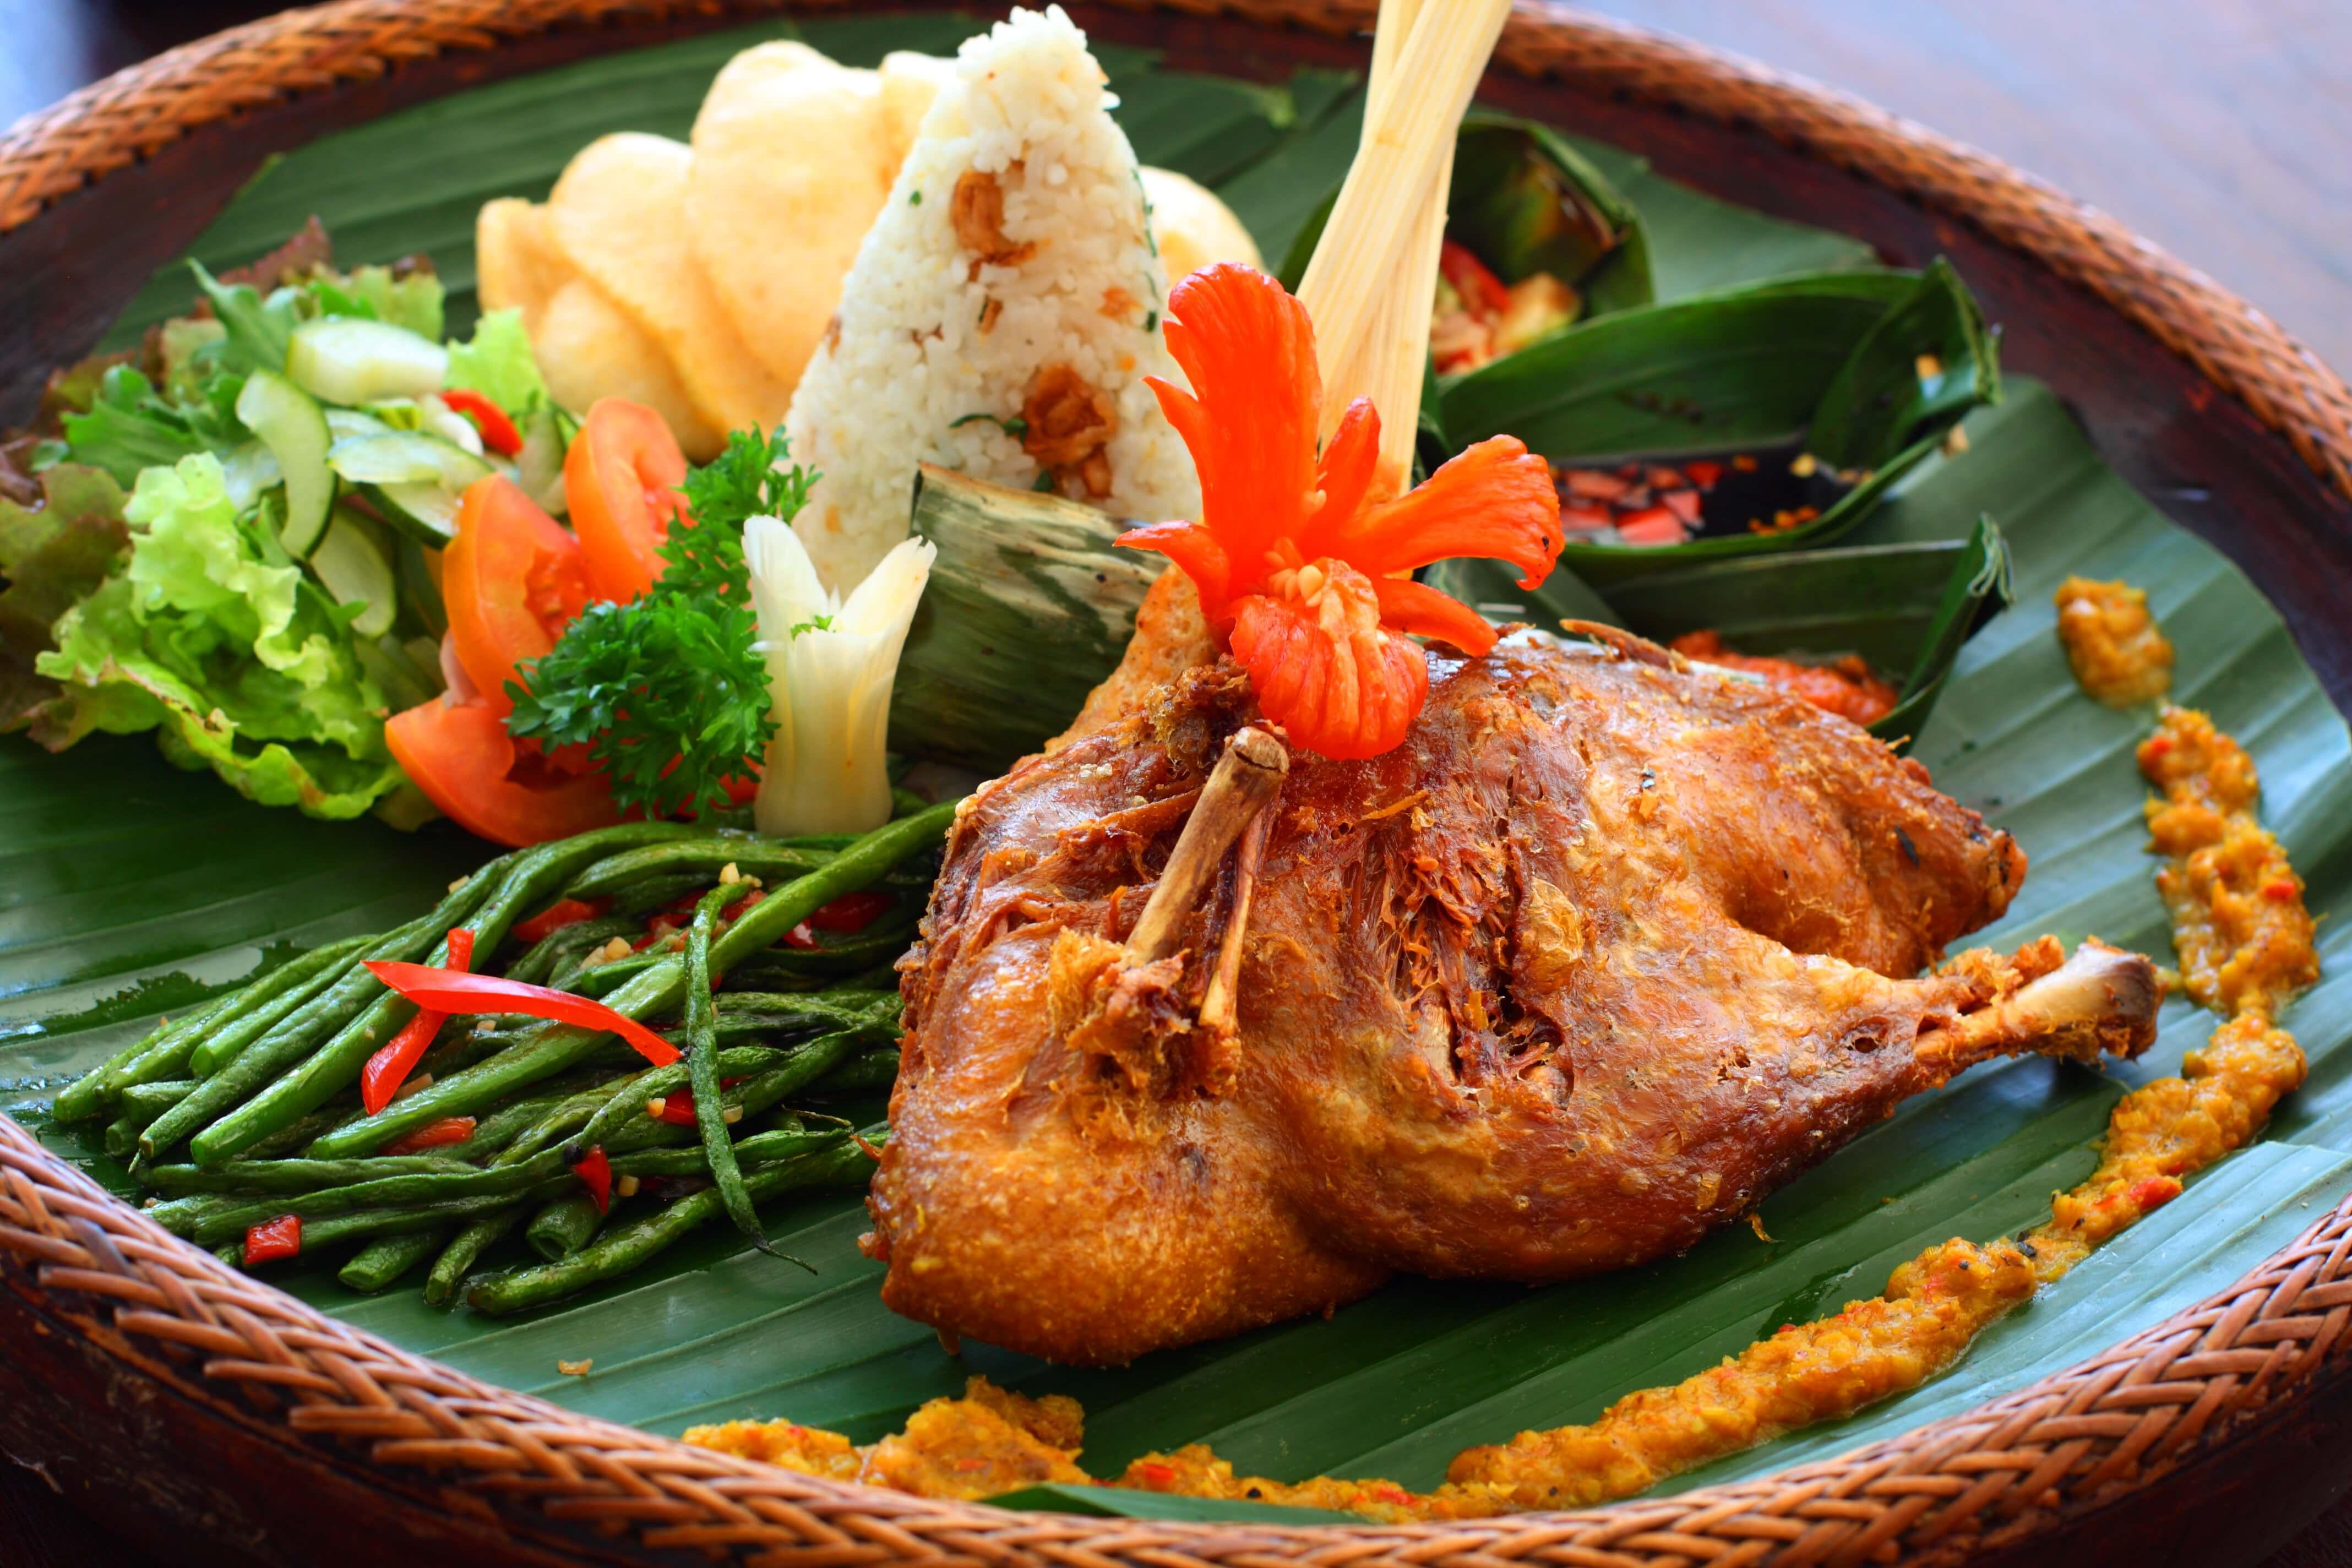 印尼峇里島必吃美食推薦  超人氣特色餐點懶人包整理–加多加多、鴨髒飯、烤豬飯 @東南亞投資報告